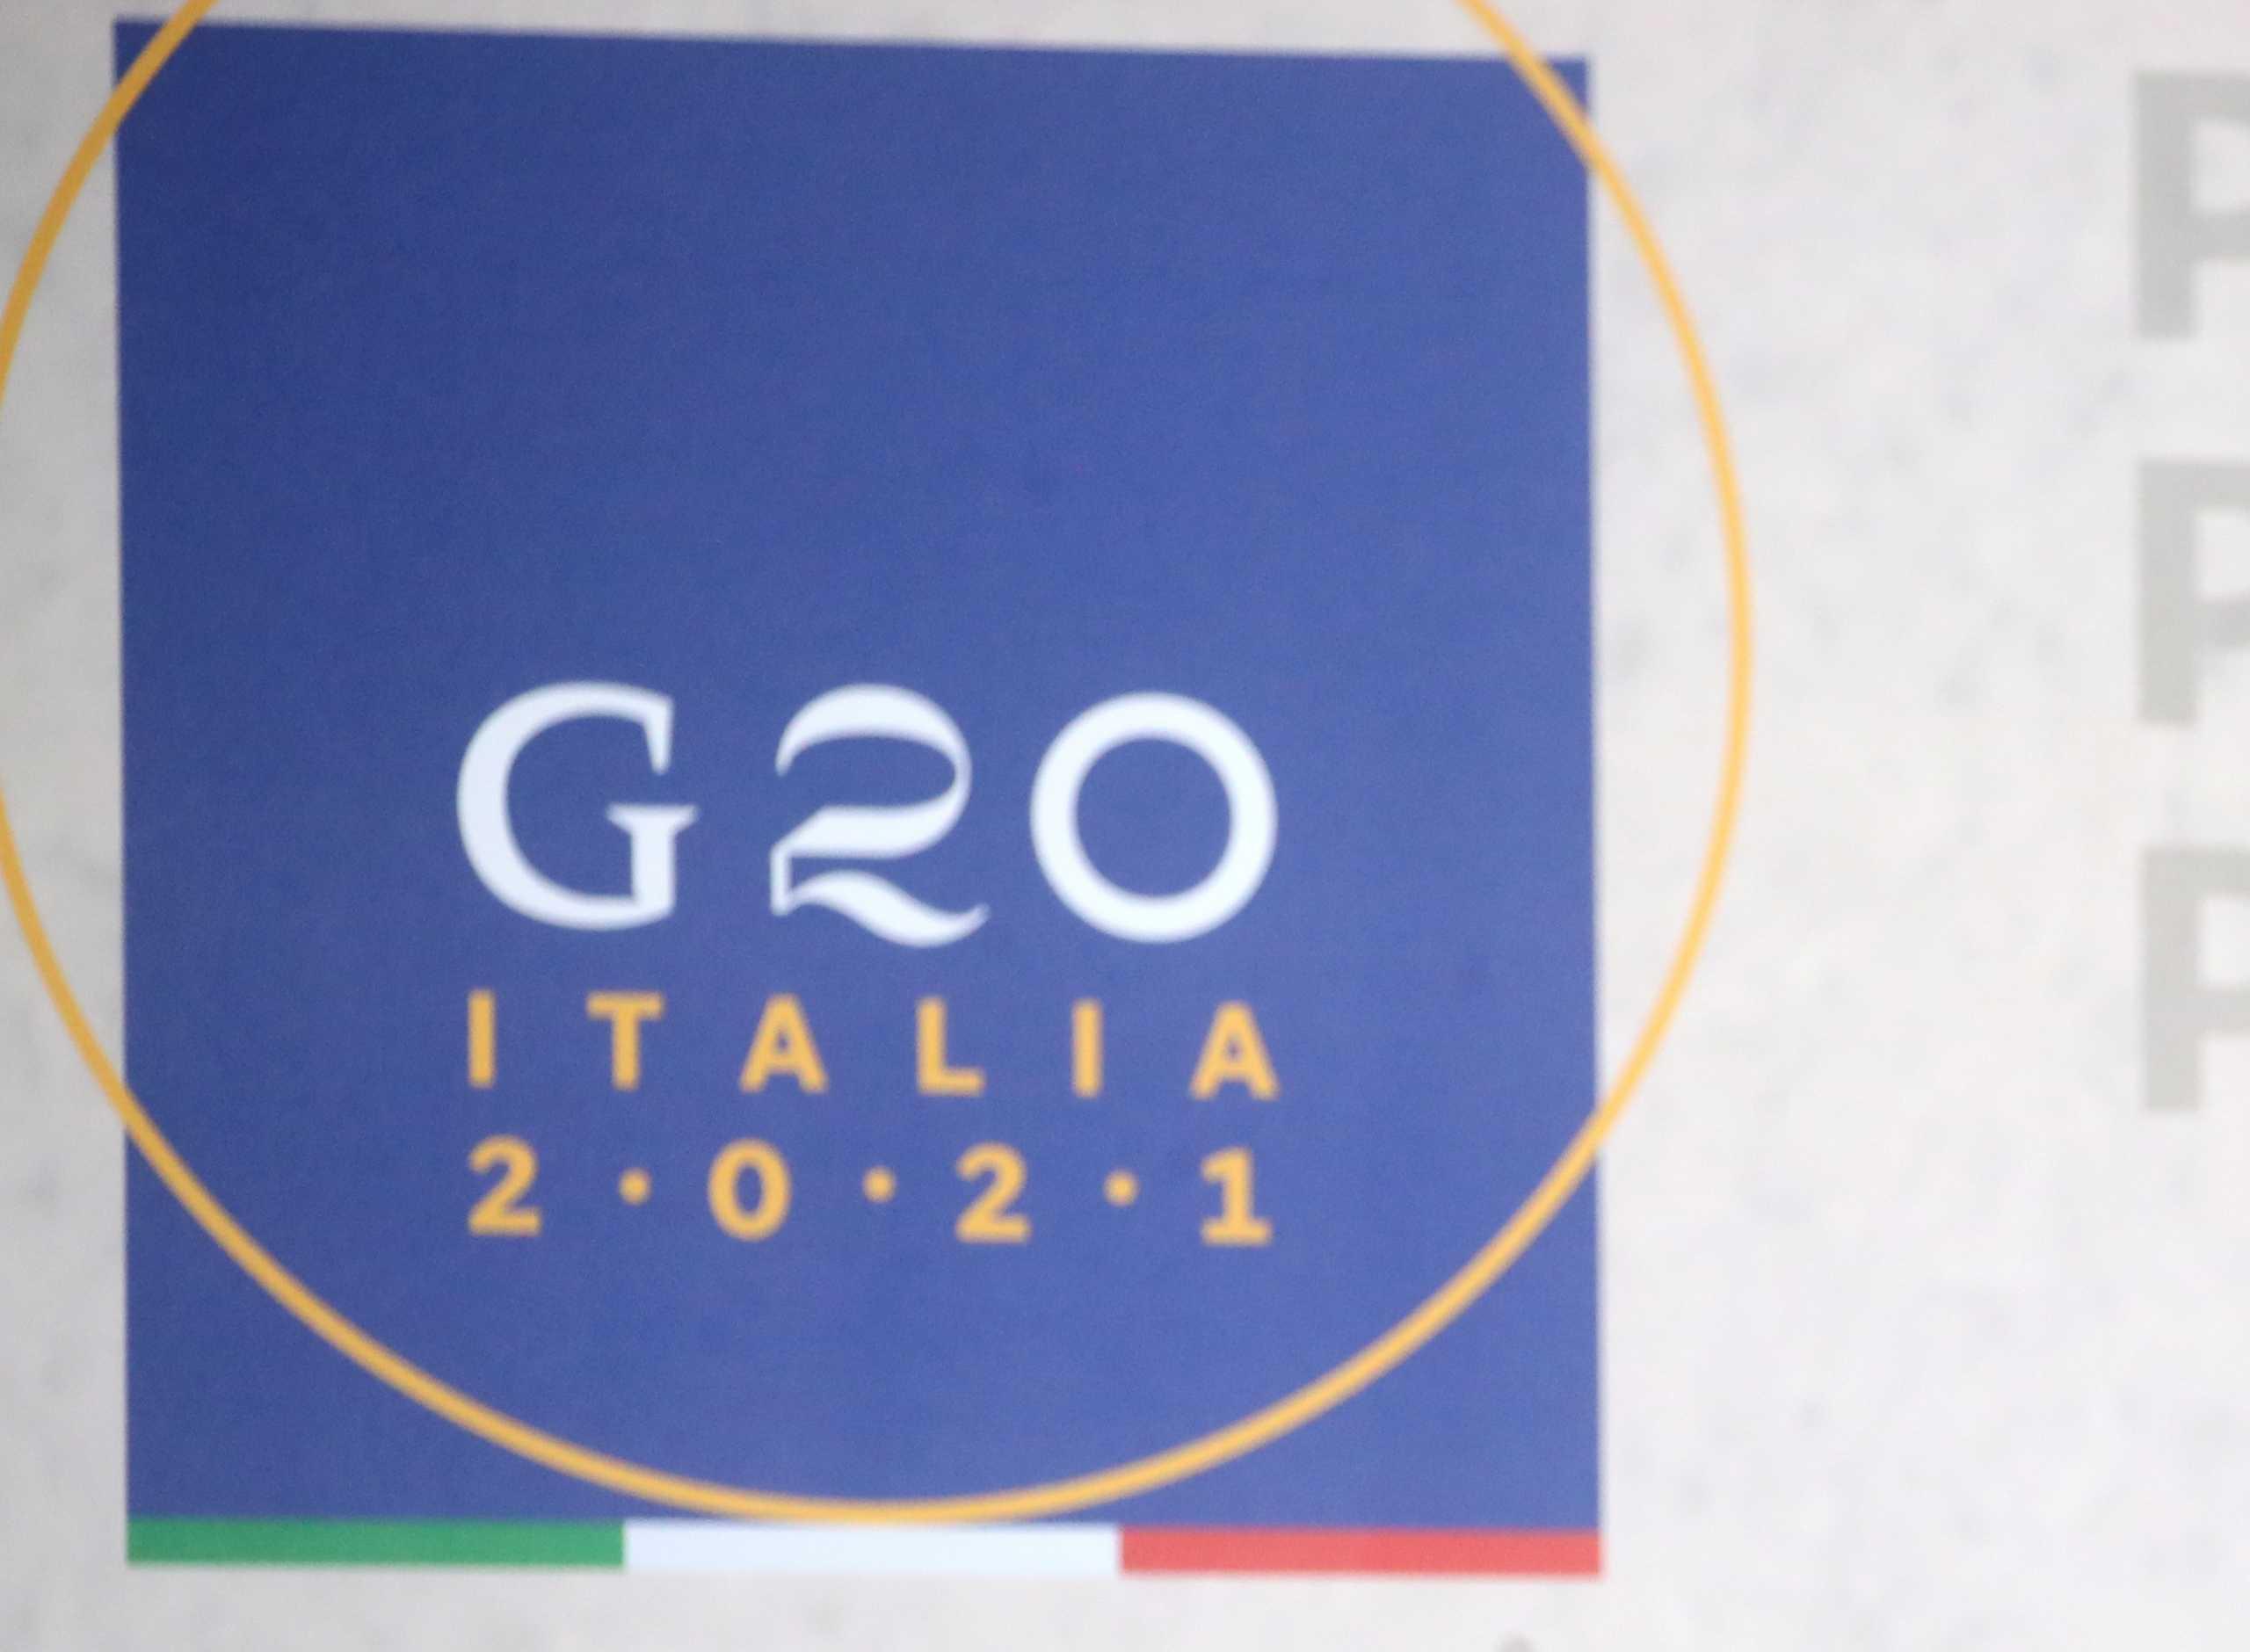 Αφγανιστάν: «Έκτακτη σύνοδο της G20 στην Ιταλία» θέλει ο Μάριο Ντράγκι